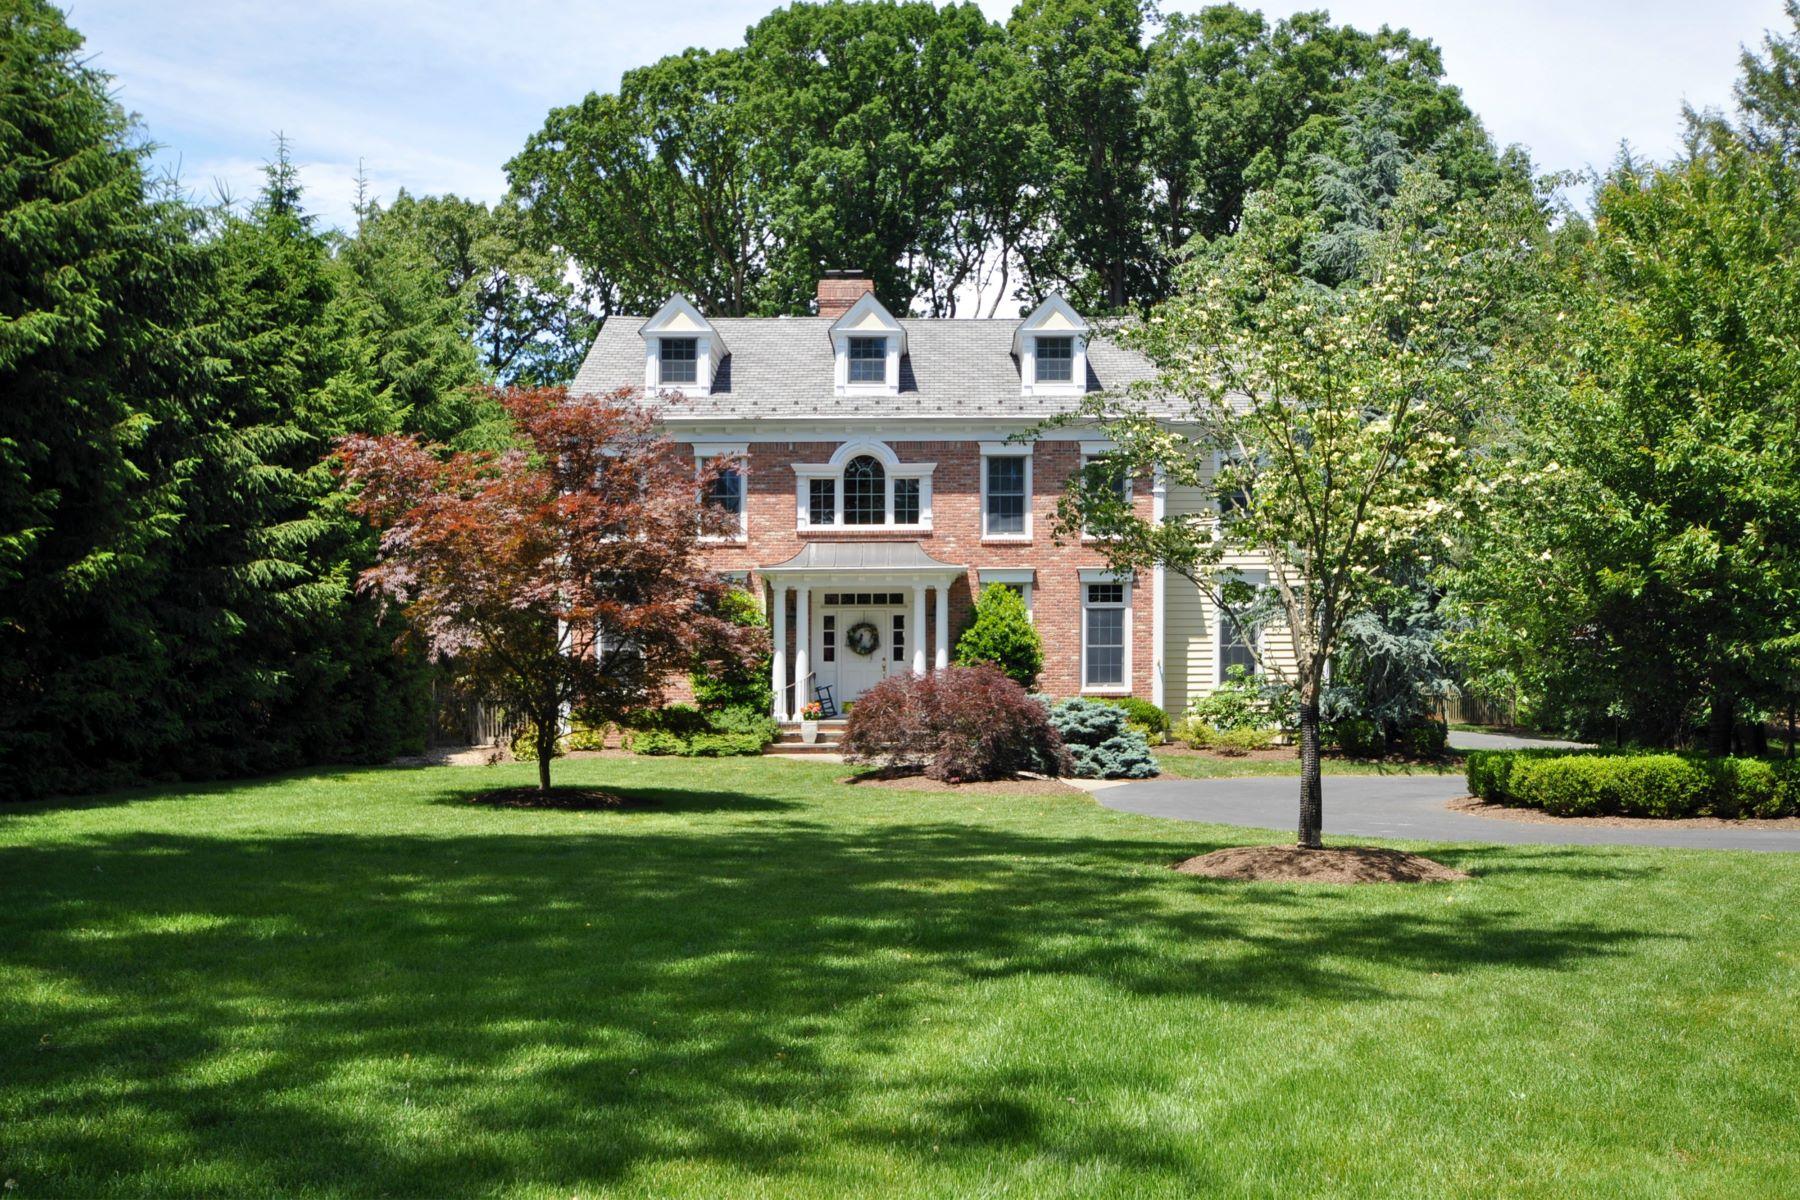 一戸建て のために 売買 アット Fabulous Center Hall Colonial 242 Lafayette Avenue Chatham, ニュージャージー, 07928 アメリカ合衆国